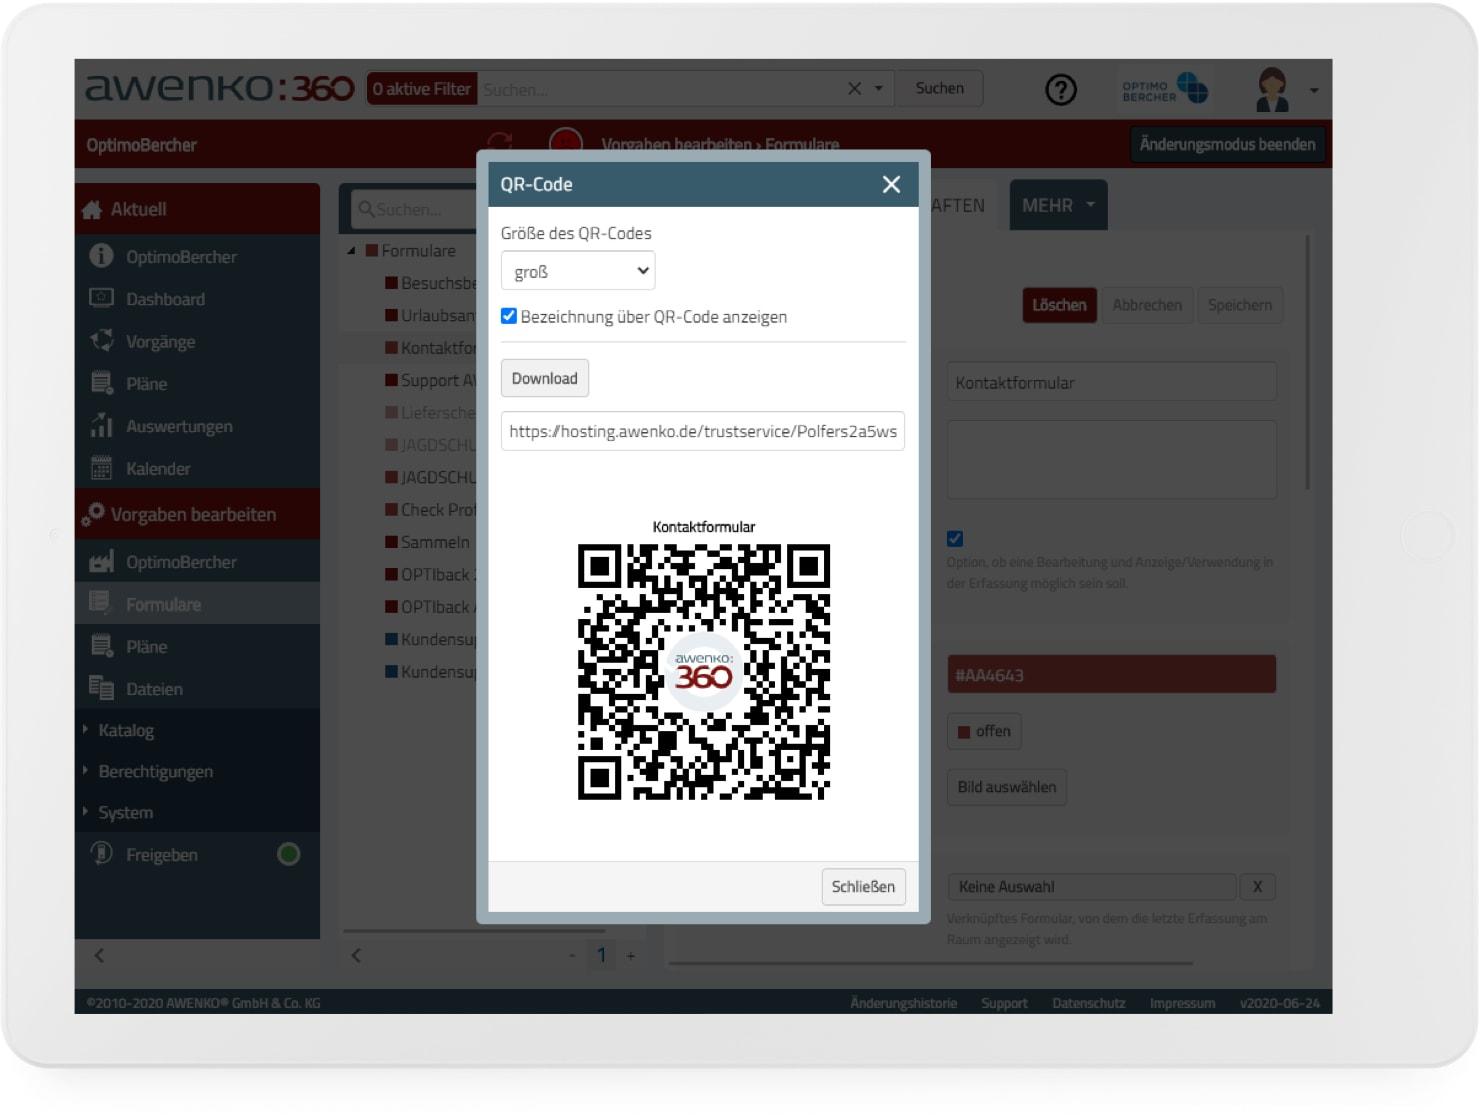 Eindeutige Kennzeichnung von Räumen, Maschinen etc. durch QR-Codes, scannt man den QR-Code weiß AWENKOback, wo man steht und welche Checkliste die richtige ist.